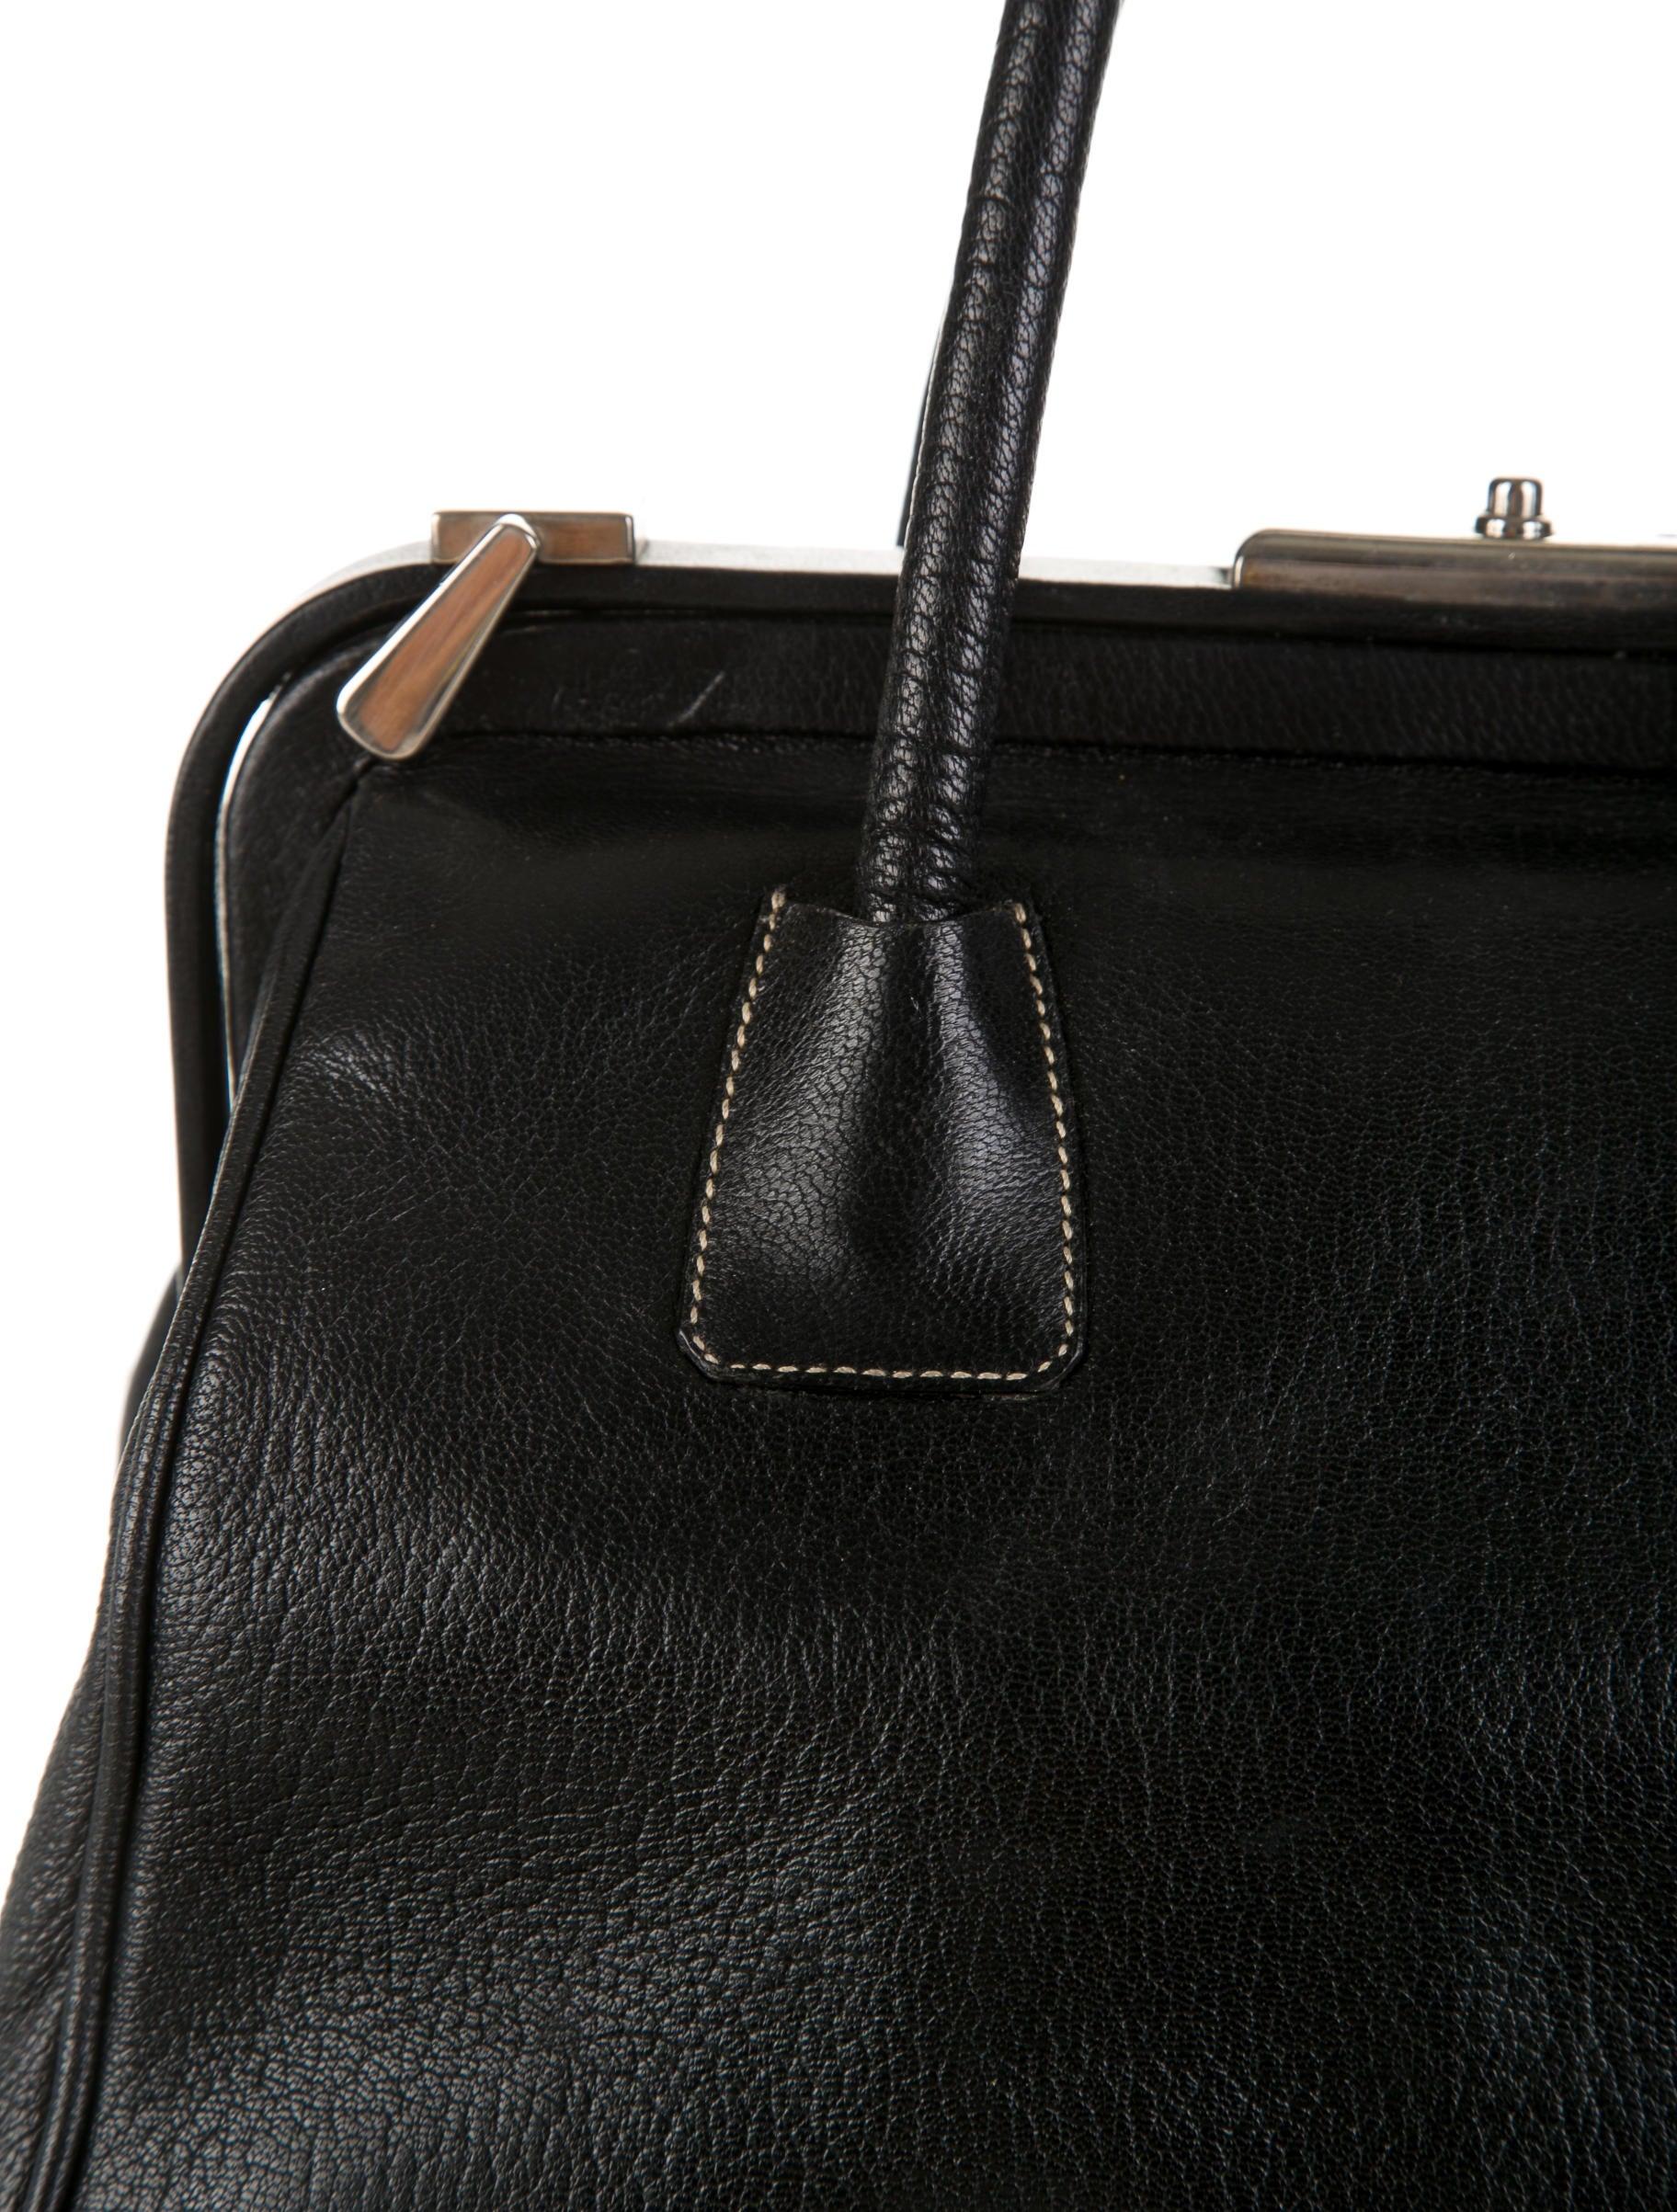 black loafers with gold spikes - prada small madras cerniera doctor bag, prada tessuto saffiano ...